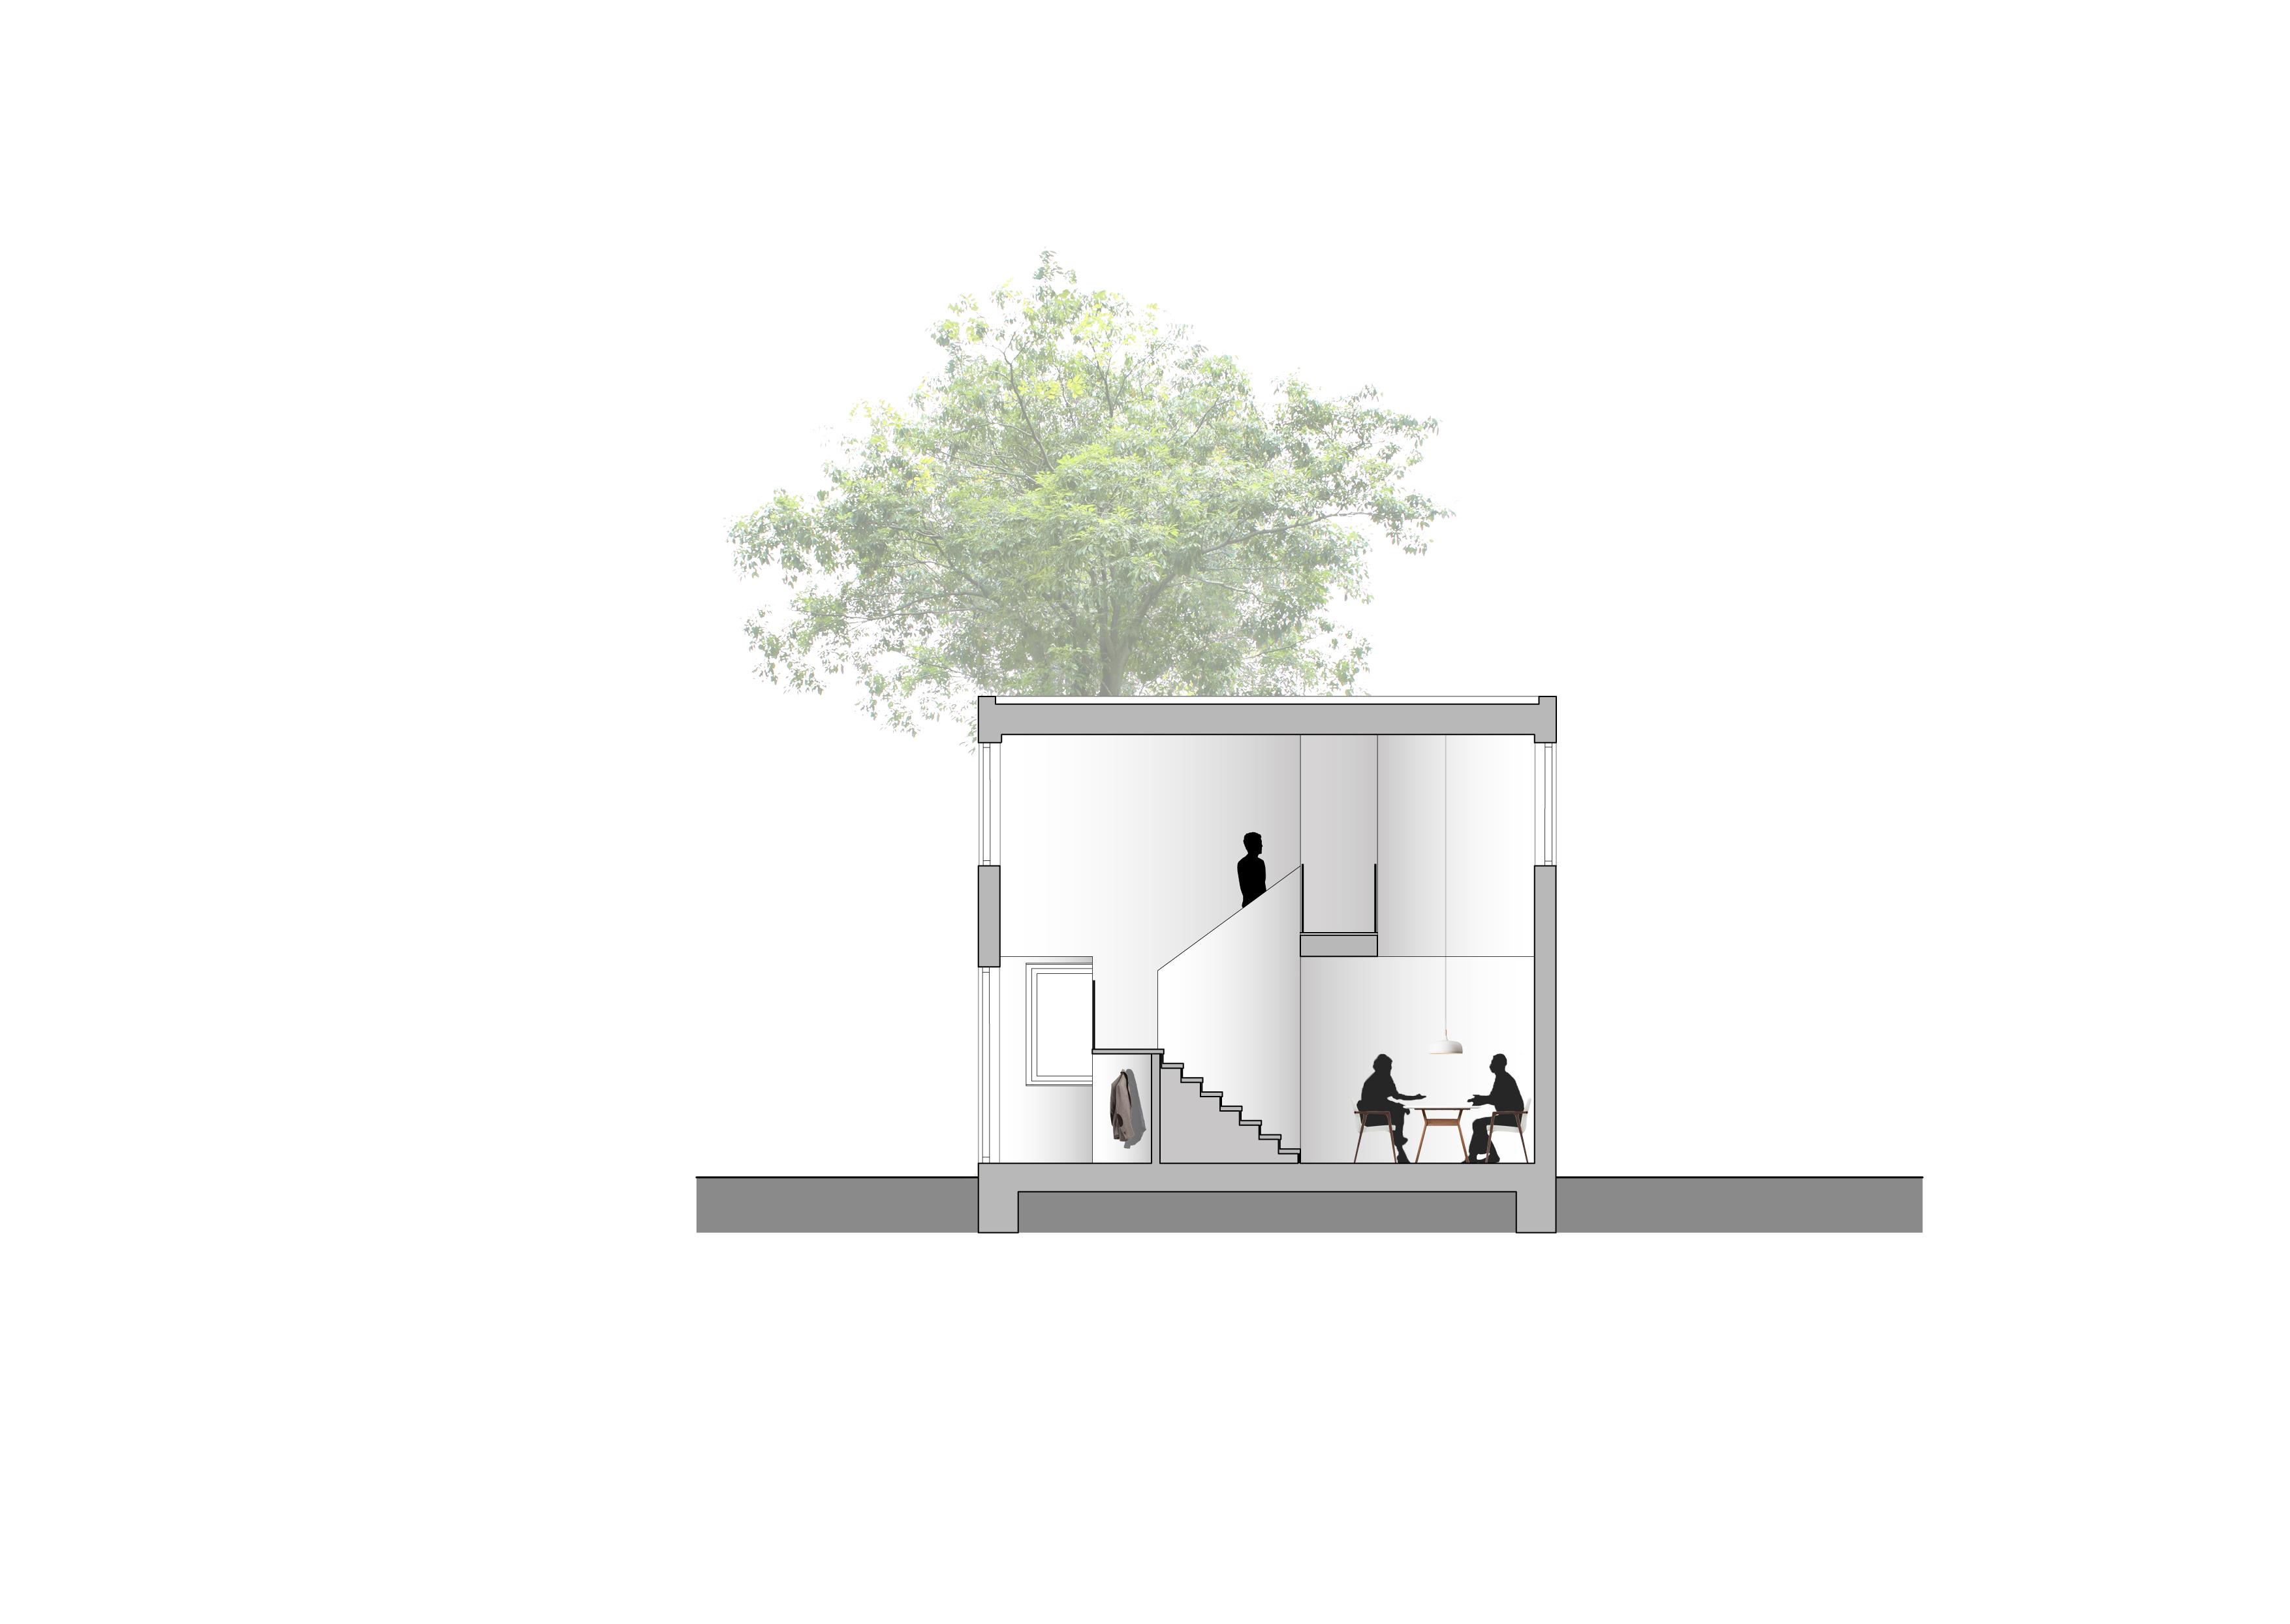 <p>Doorsnede: Reset architecture</p>